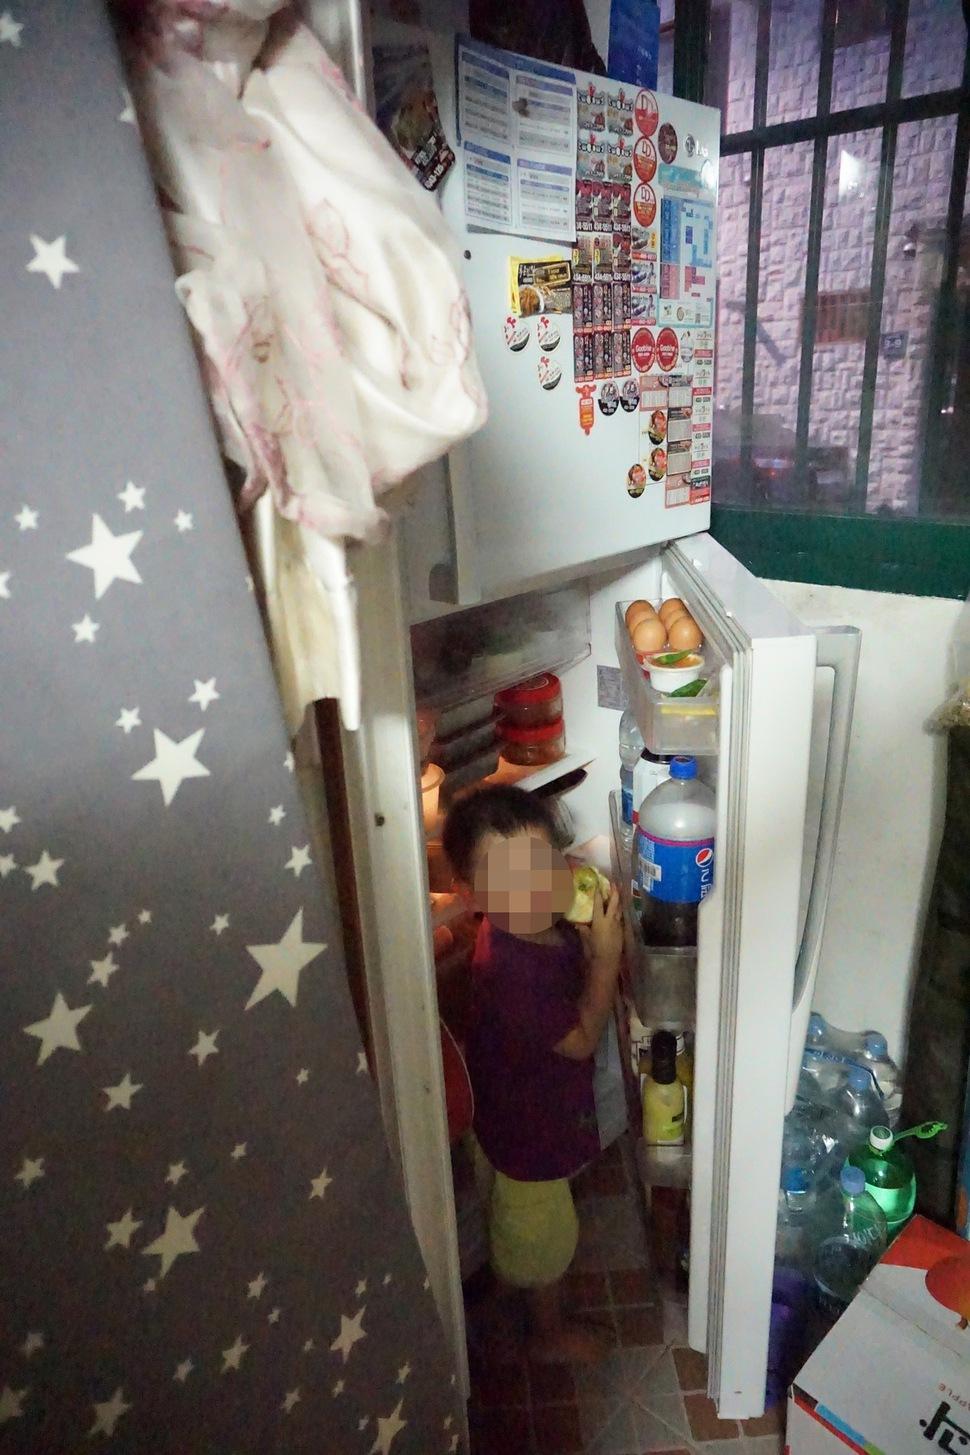 윤성학·권경인씨 부부의 막내 아들이 베란다에 놓인 냉장고 문을 열고 사과를 꺼내 먹고 있다. 박기용 기자